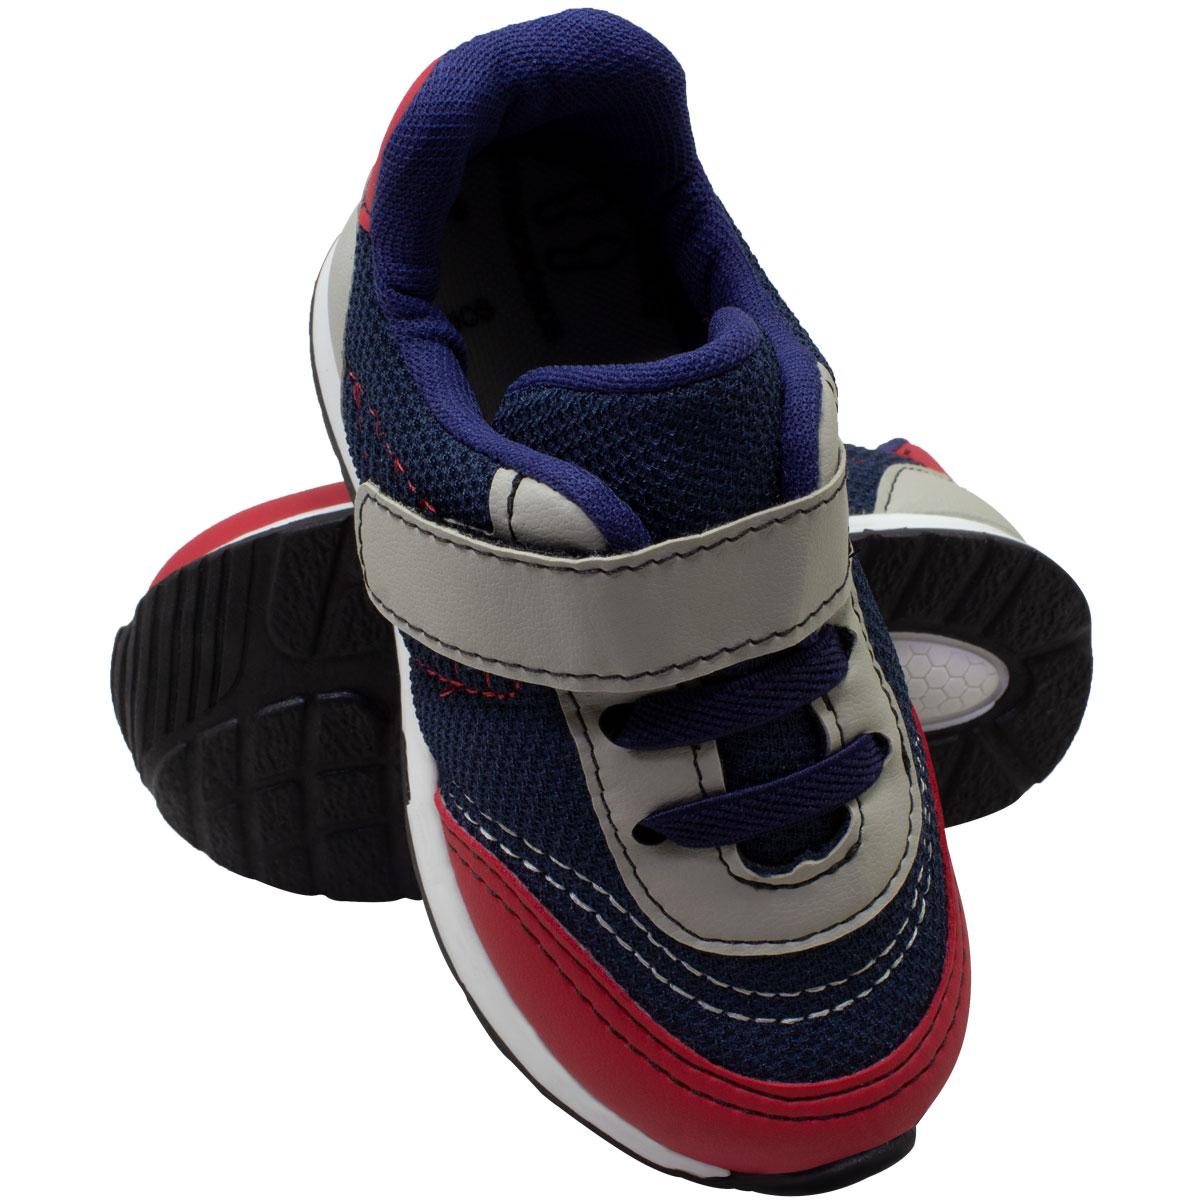 Tênis infantil masculino jogging c/biqueira 152-05-45